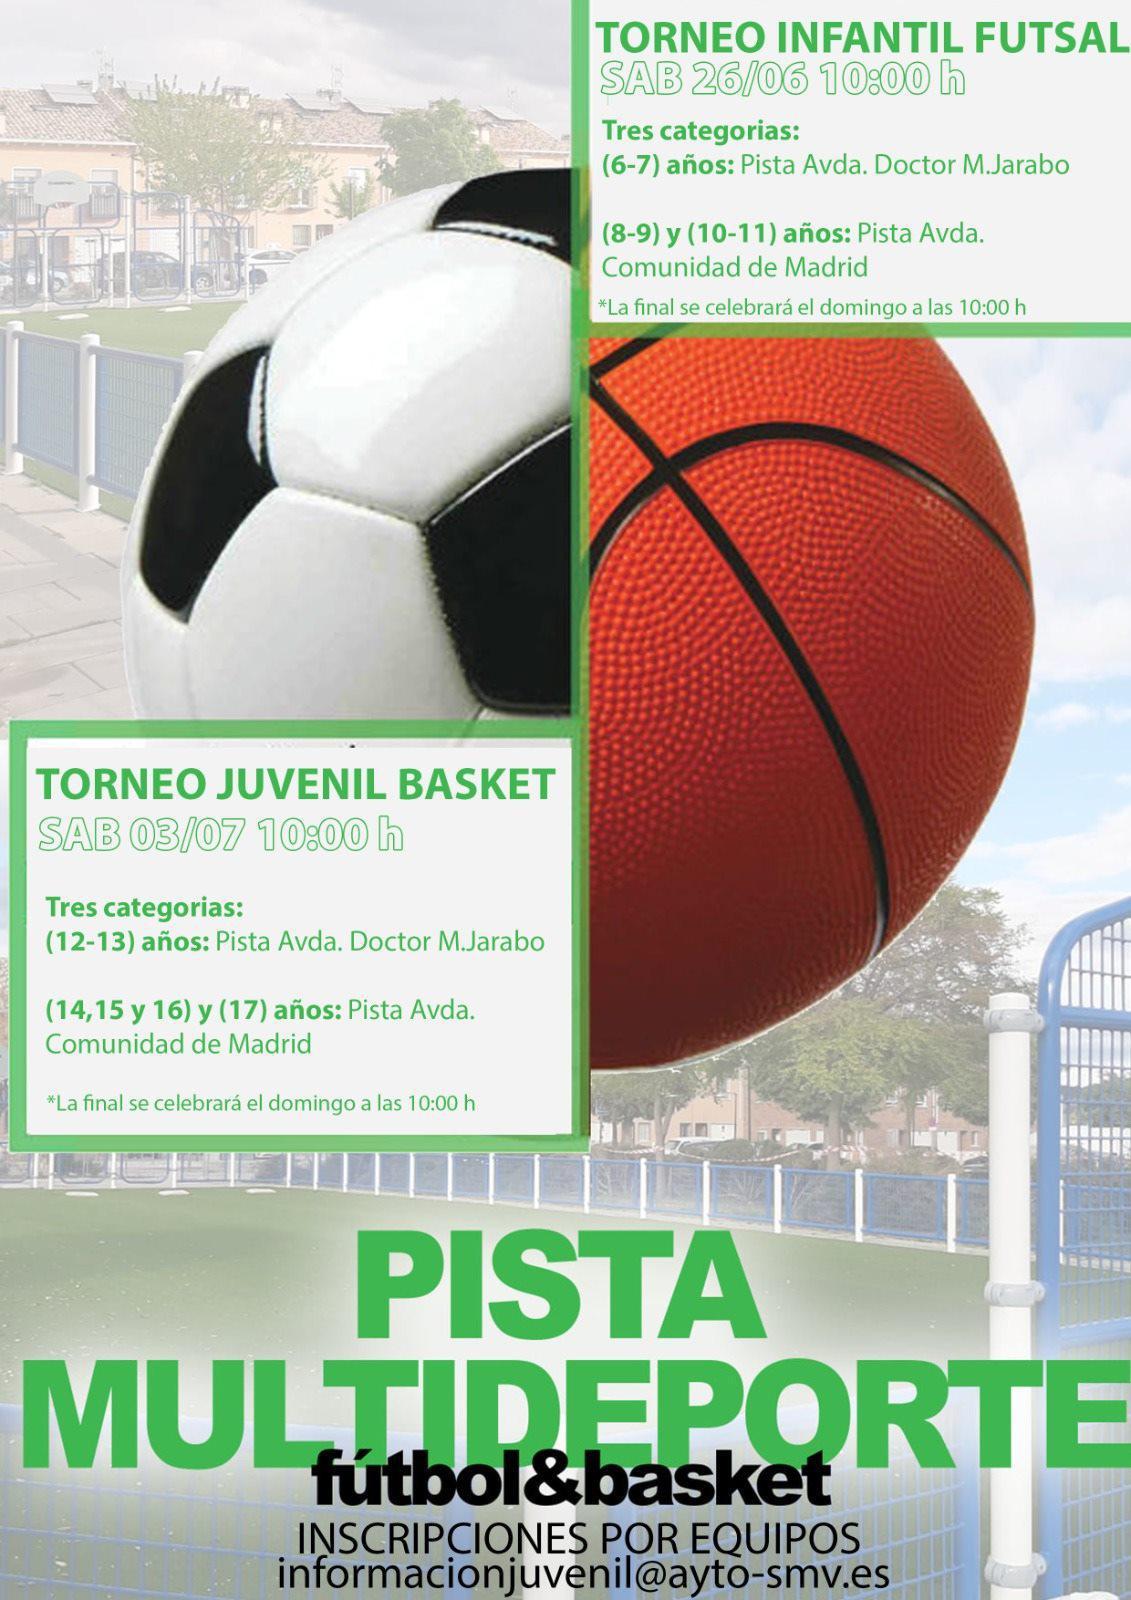 Torneos de futsal y baloncesto en las pistas multideporte